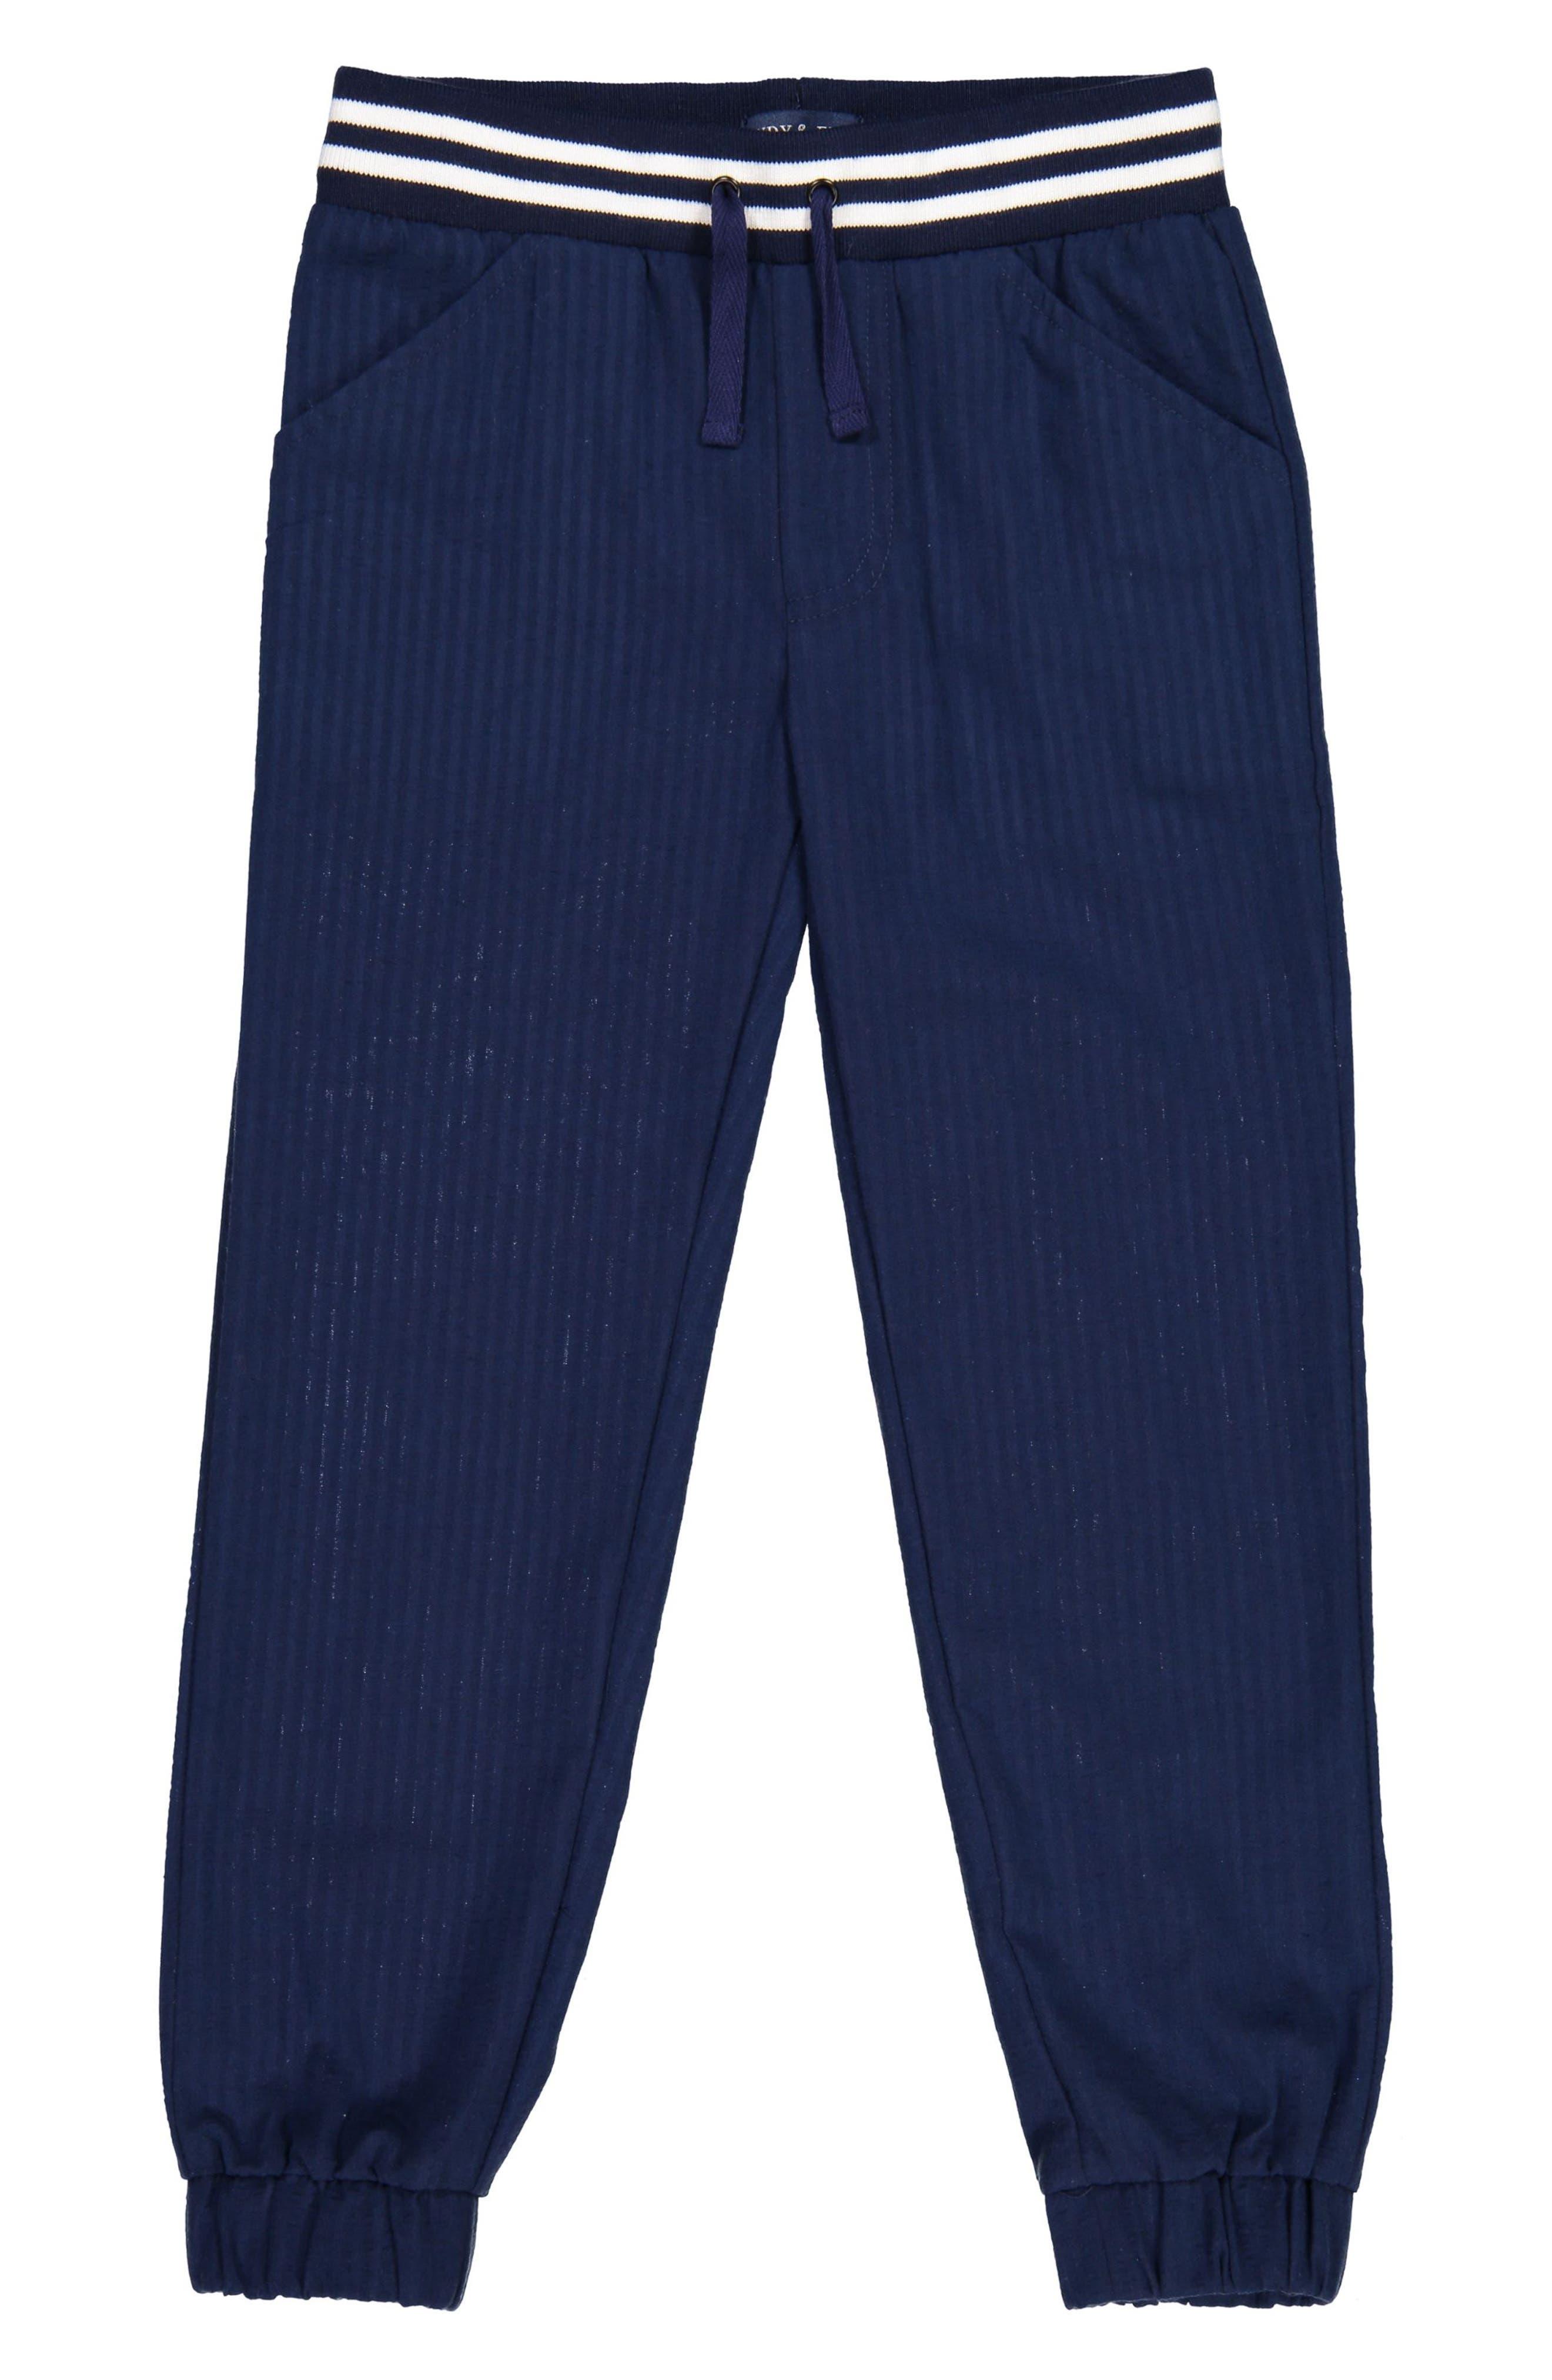 Seersucker Jogger Pants,                         Main,                         color, 413